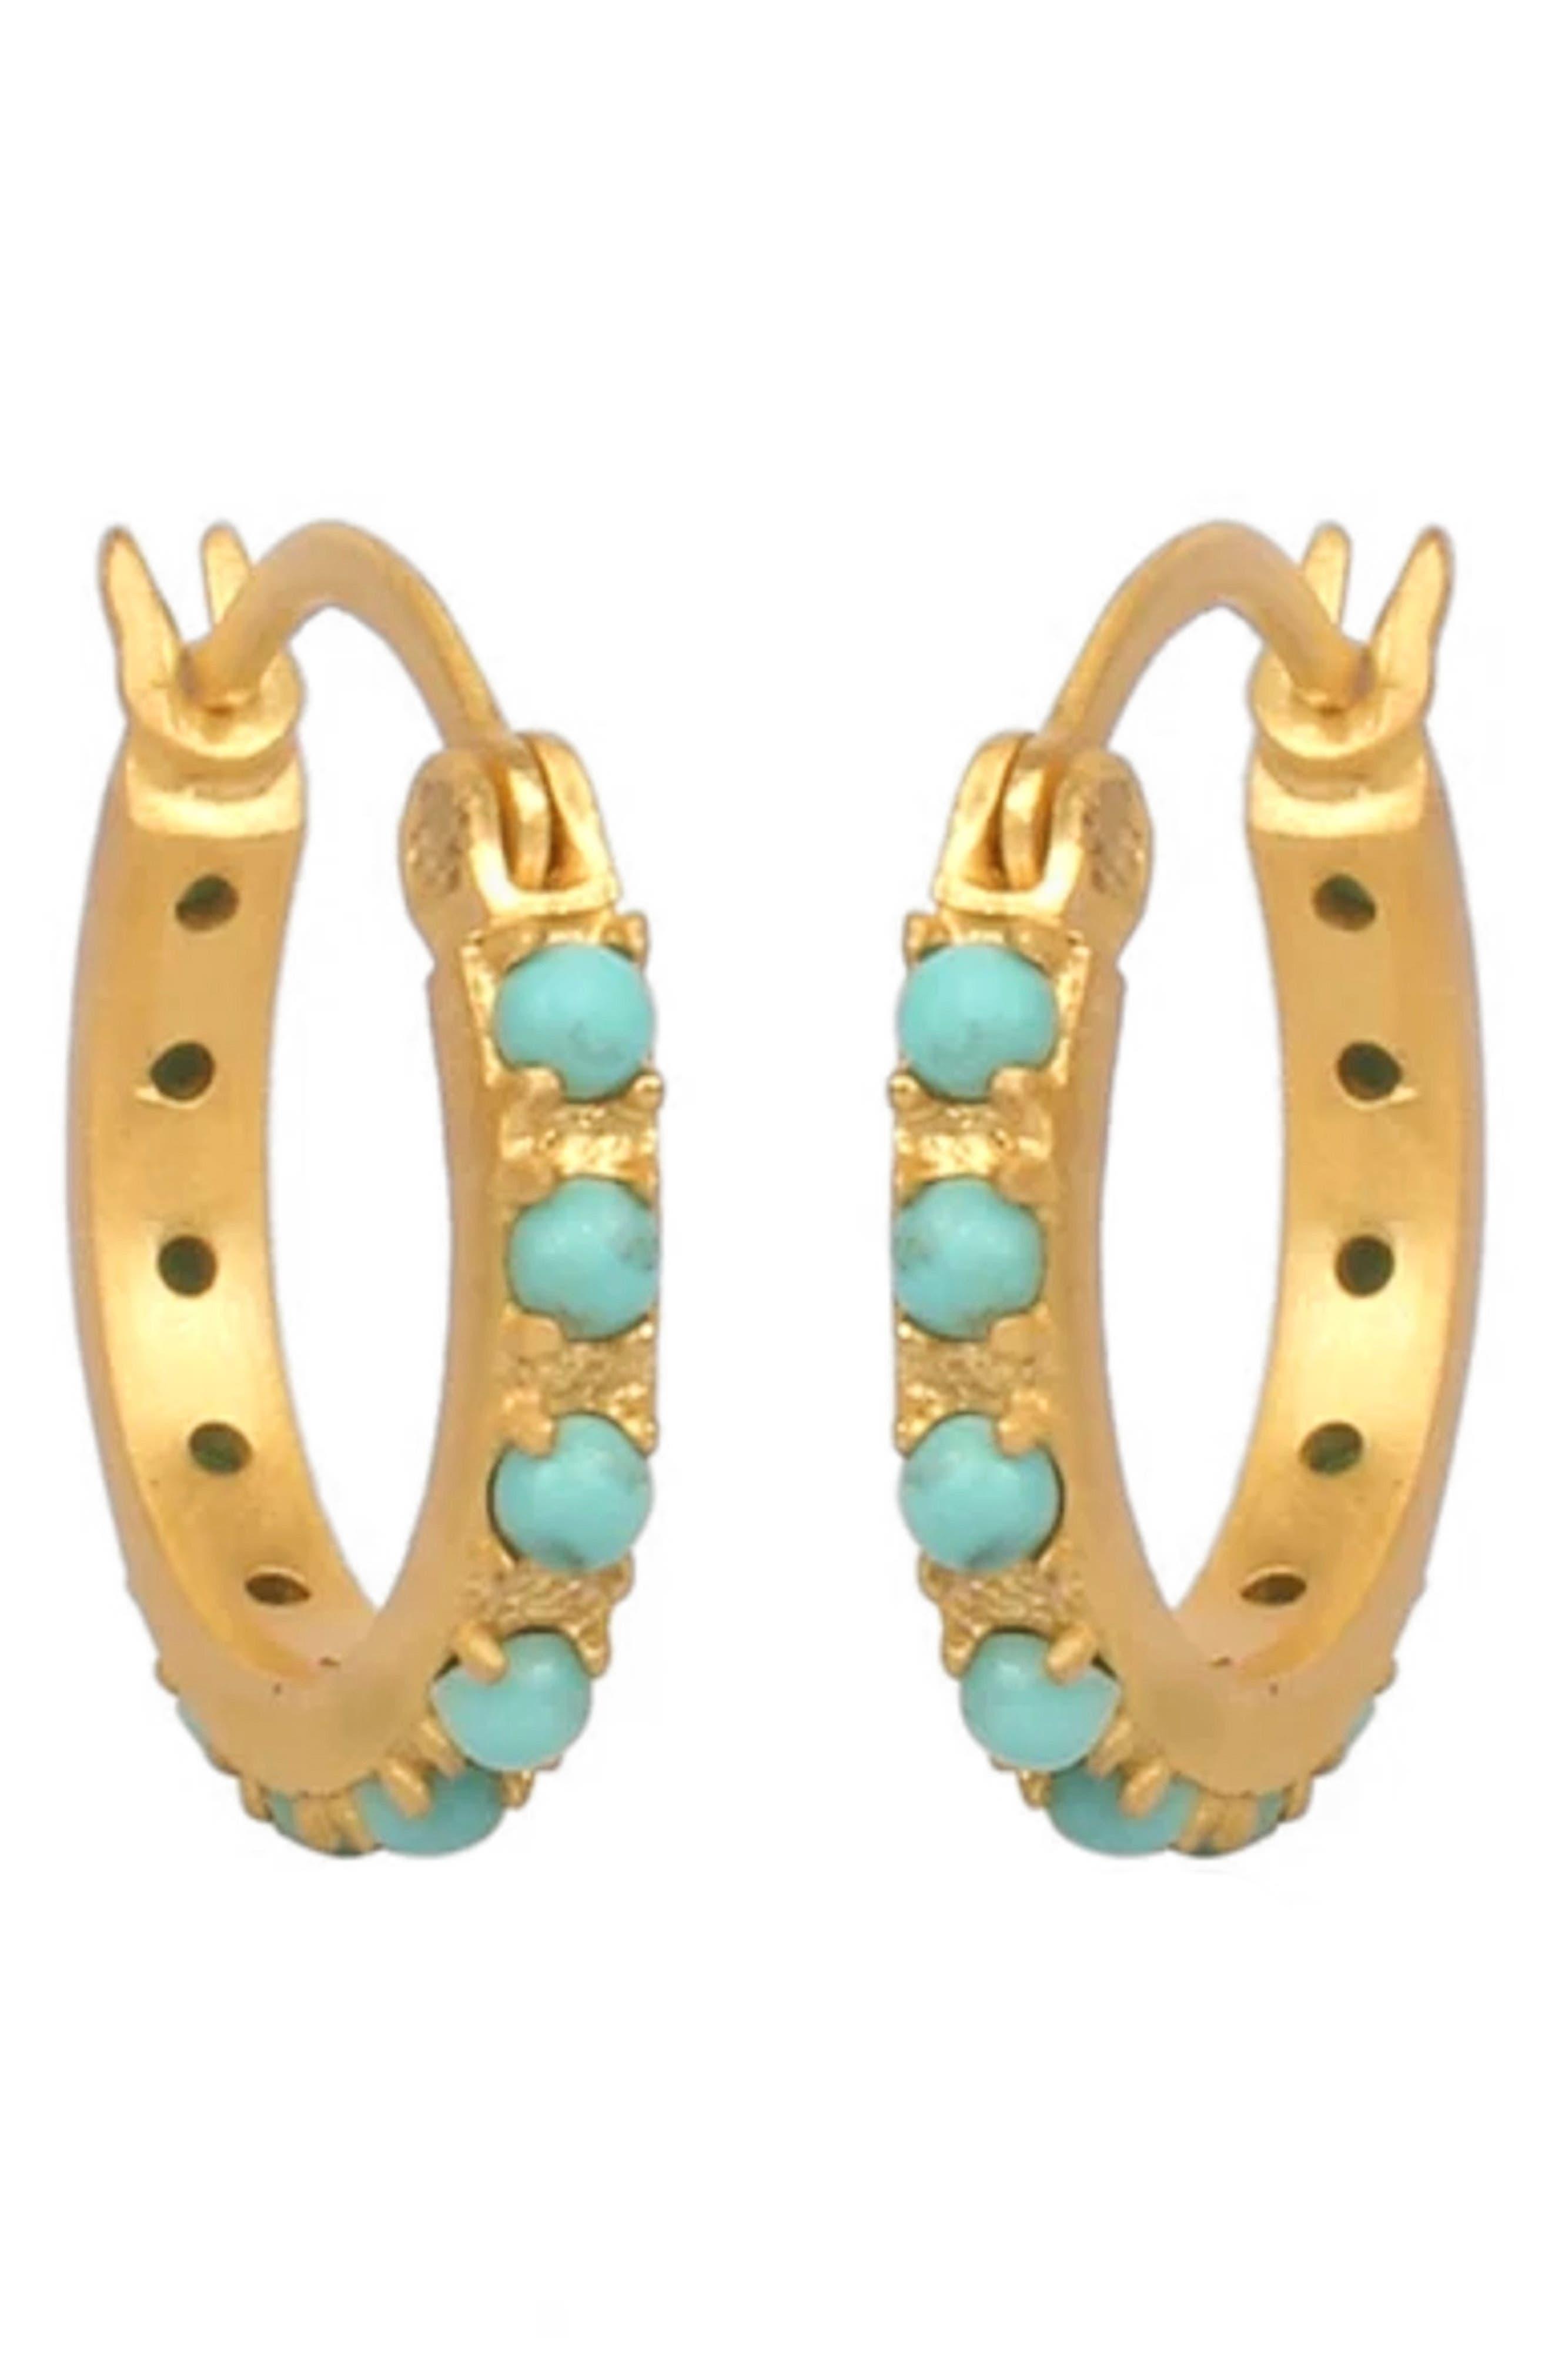 Simplicity Turquoise Huggie Hoop Earrings